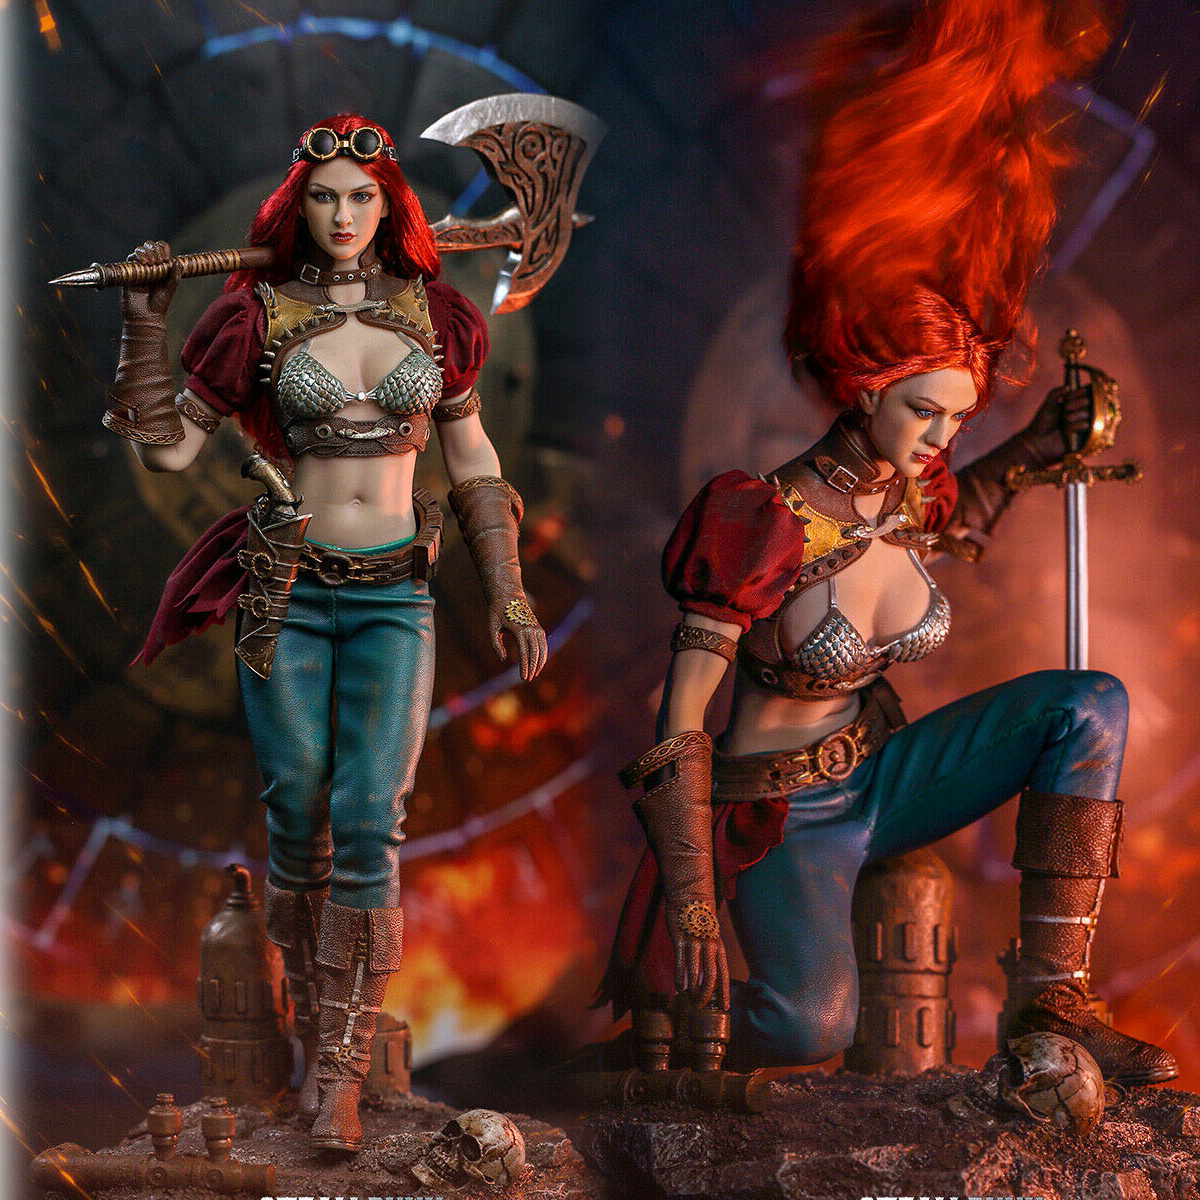 1//6 Scale TBLeague Action Figures Steampunk Red Sonja-Femmes Bottes pour chevilles